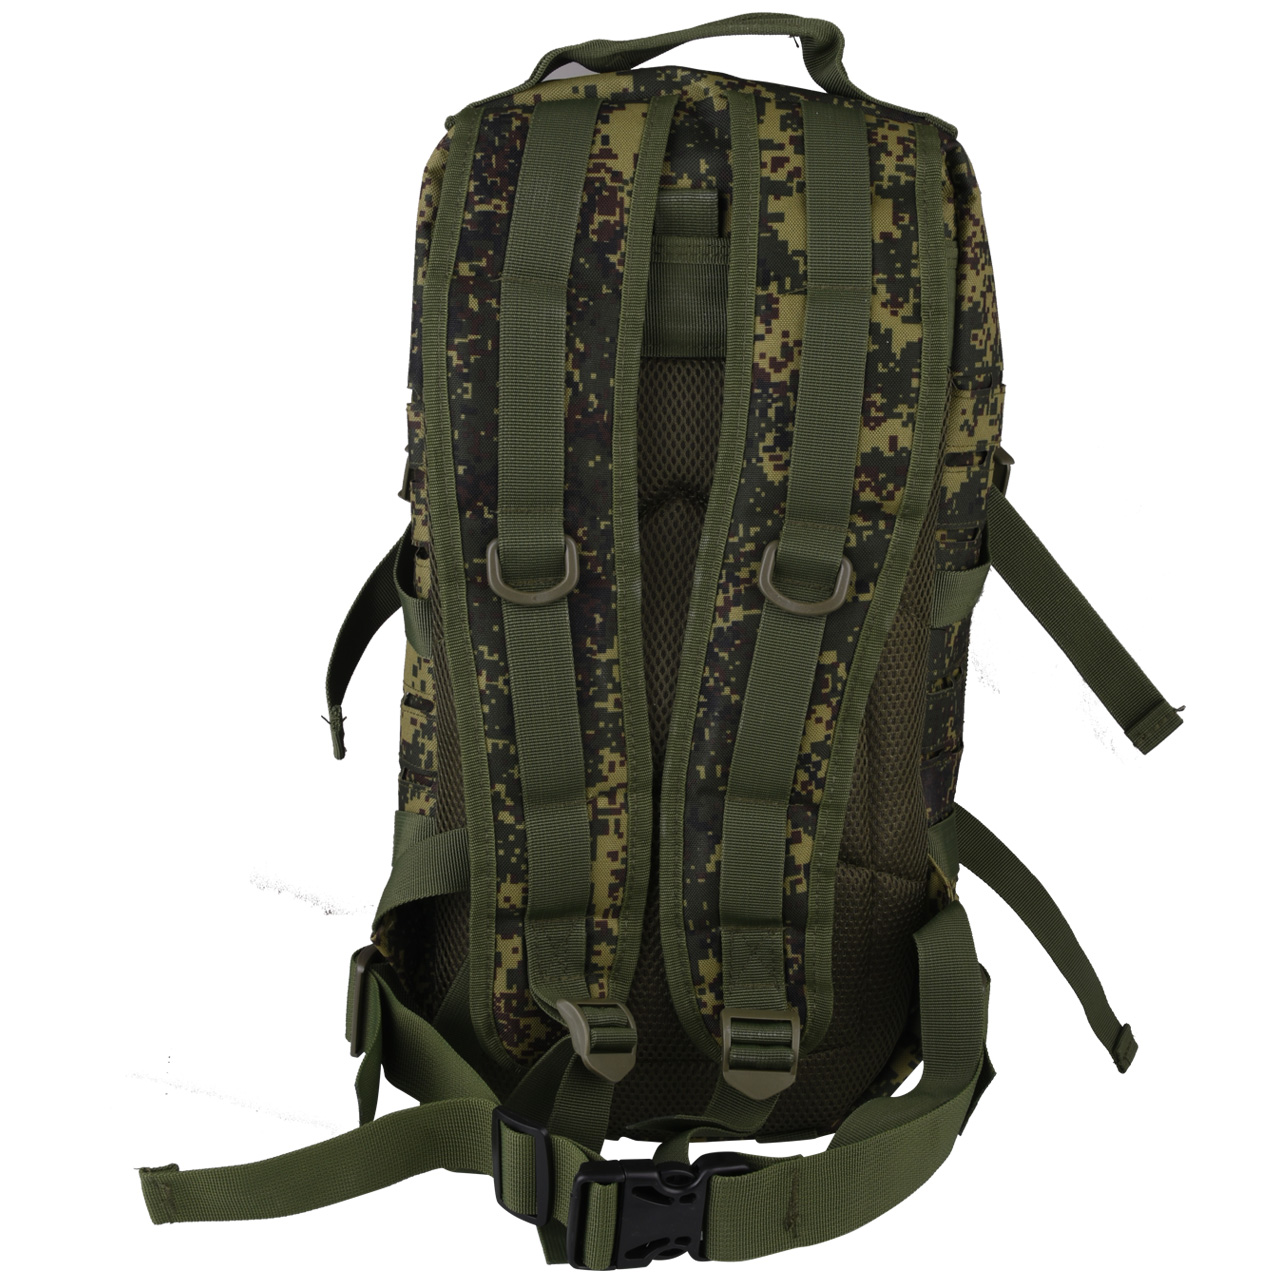 Компактный камуфляжный рюкзак с эмблемой СССР оптом в Военпро